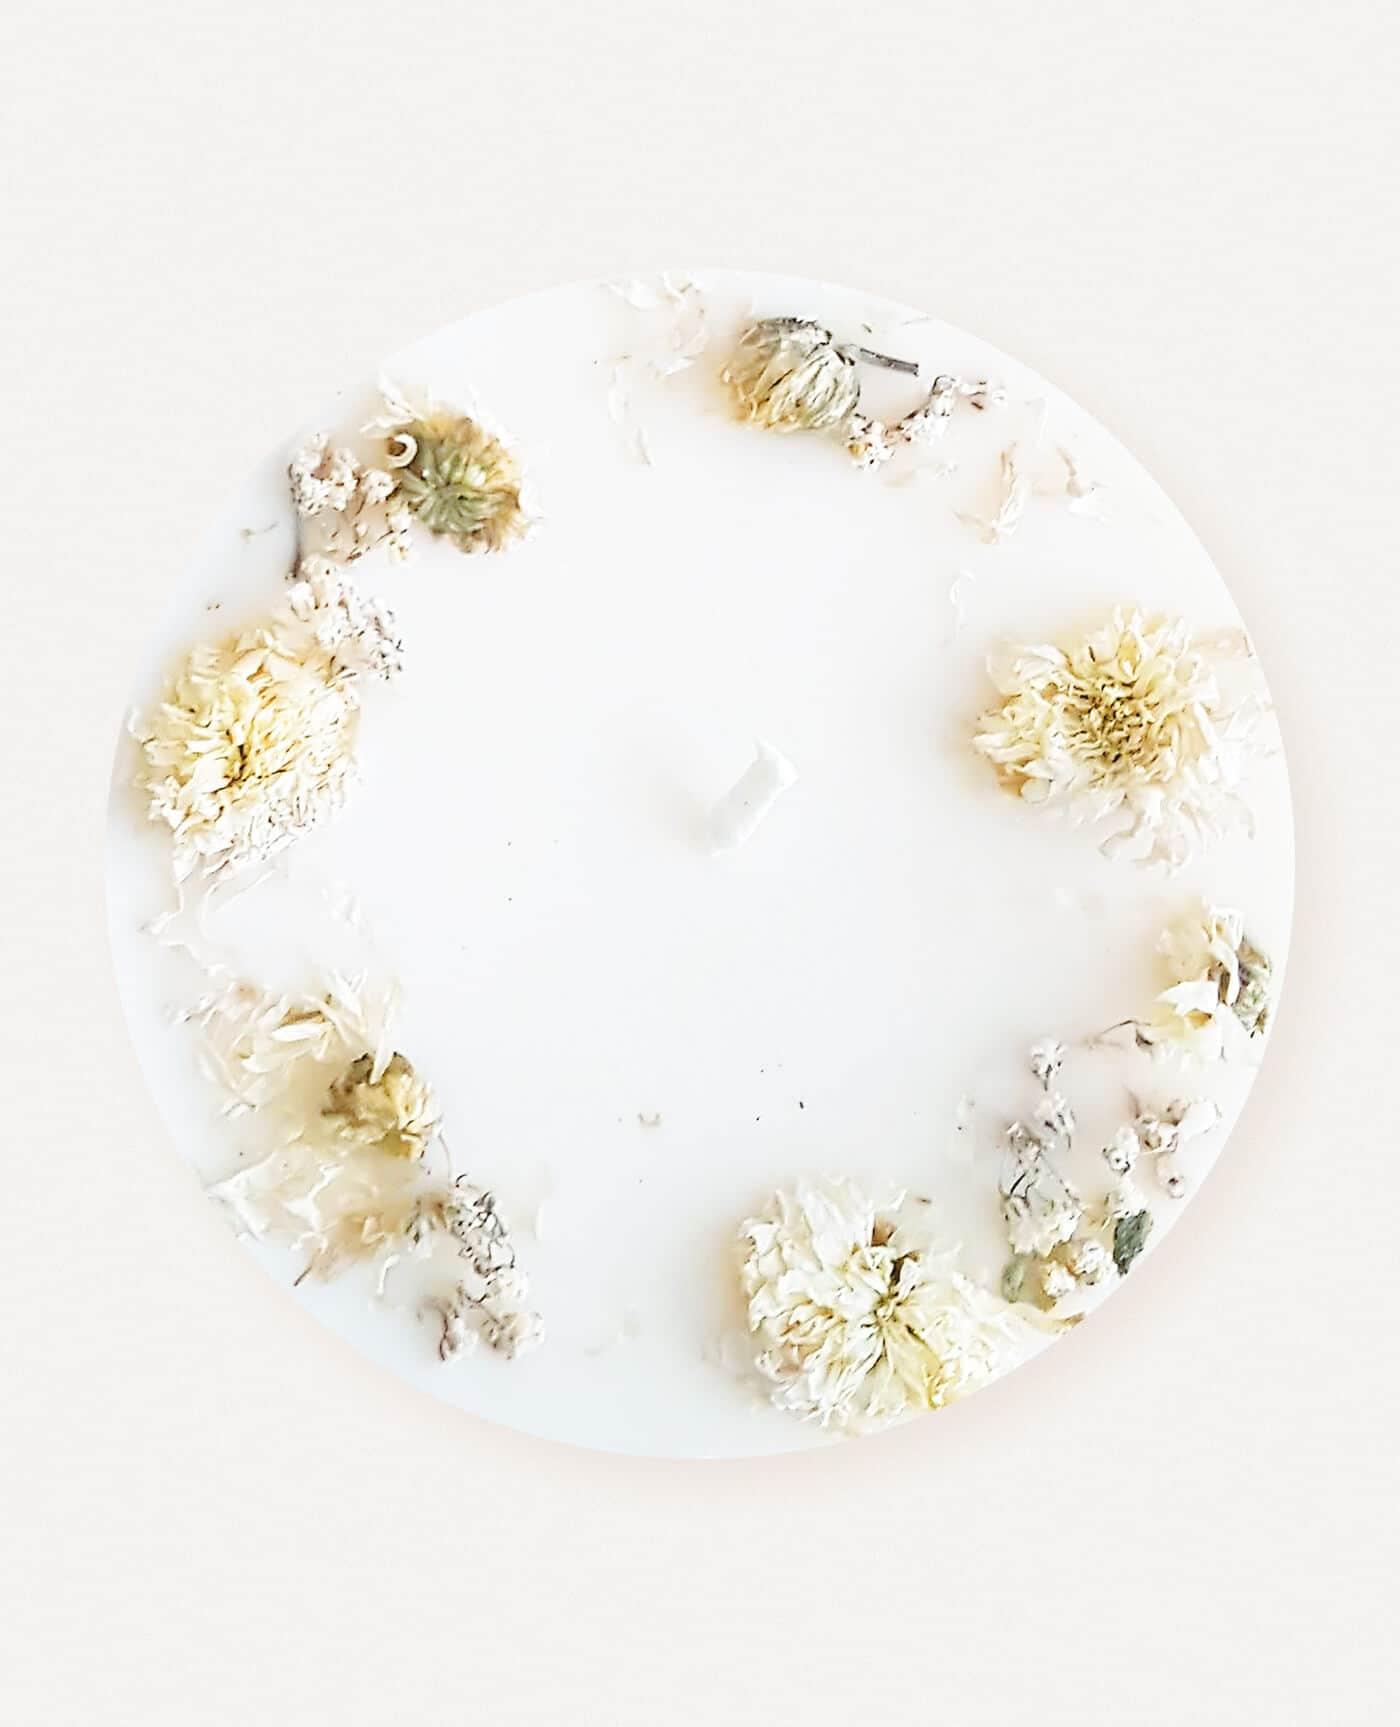 Bougie parfumée fleurie Prairies du Sud vegan de la marque Ponoie made in France